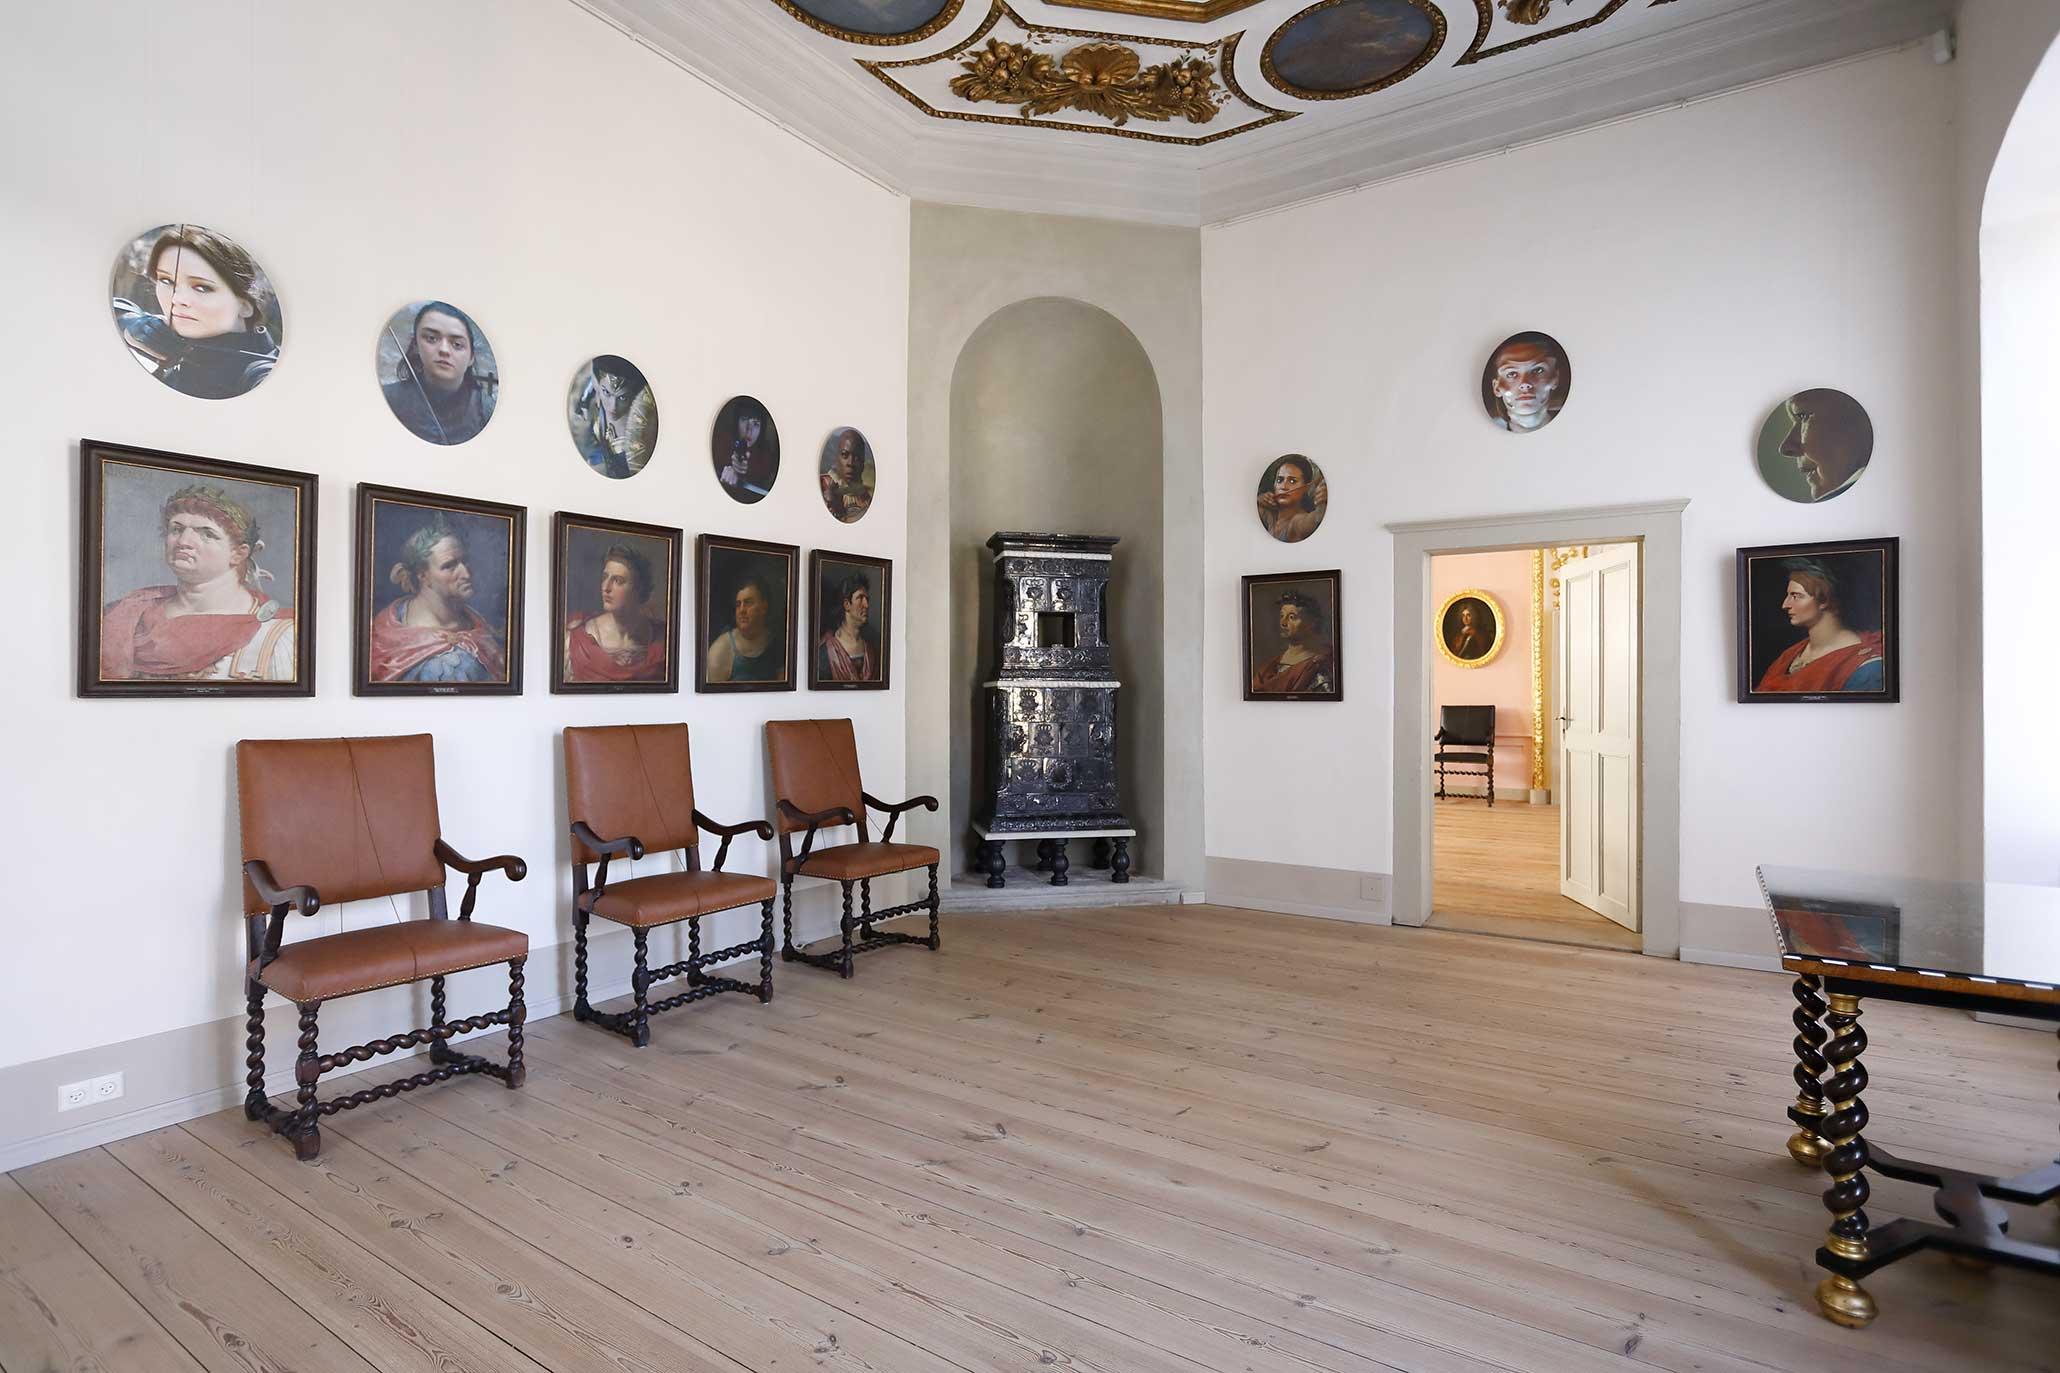 B.A.R.O.C.K., Schloss Caputh, 2019.  GALERIE DER STARKEN FRAUEN (über der Imperatoren-Galerie im Vorgemach des Kurfürsten) 2018, Portrait-Serie, 19 bearbeitete Standbilder aus Spielfilmen, UV-Direktdruck auf ovale AluDiBond-Platten, je 55 x 45 cm.